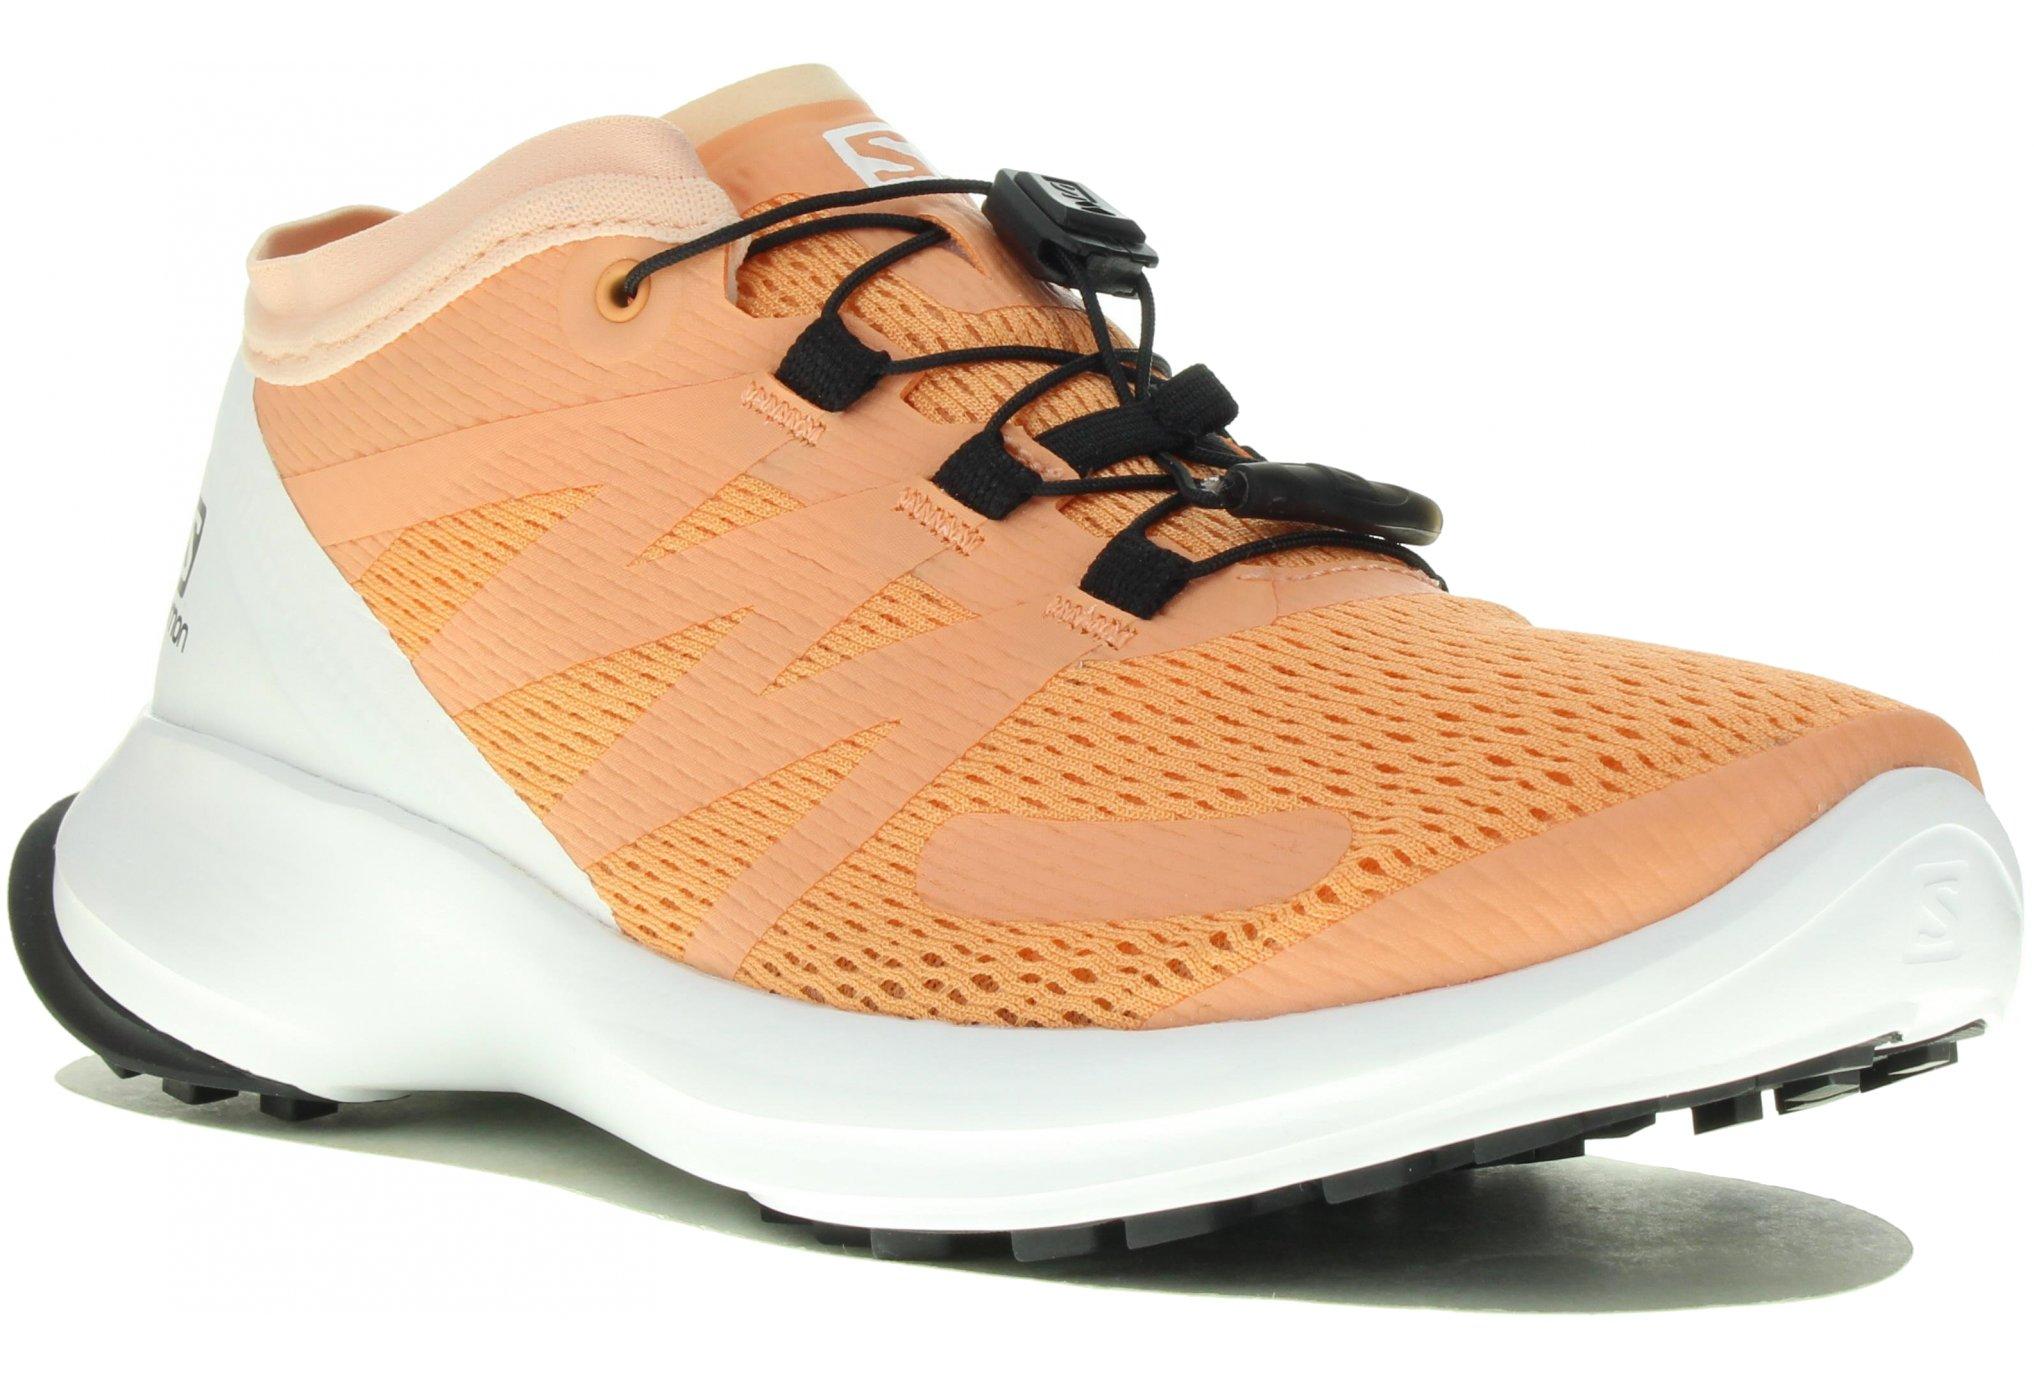 Salomon Sense Flow W Chaussures running femme